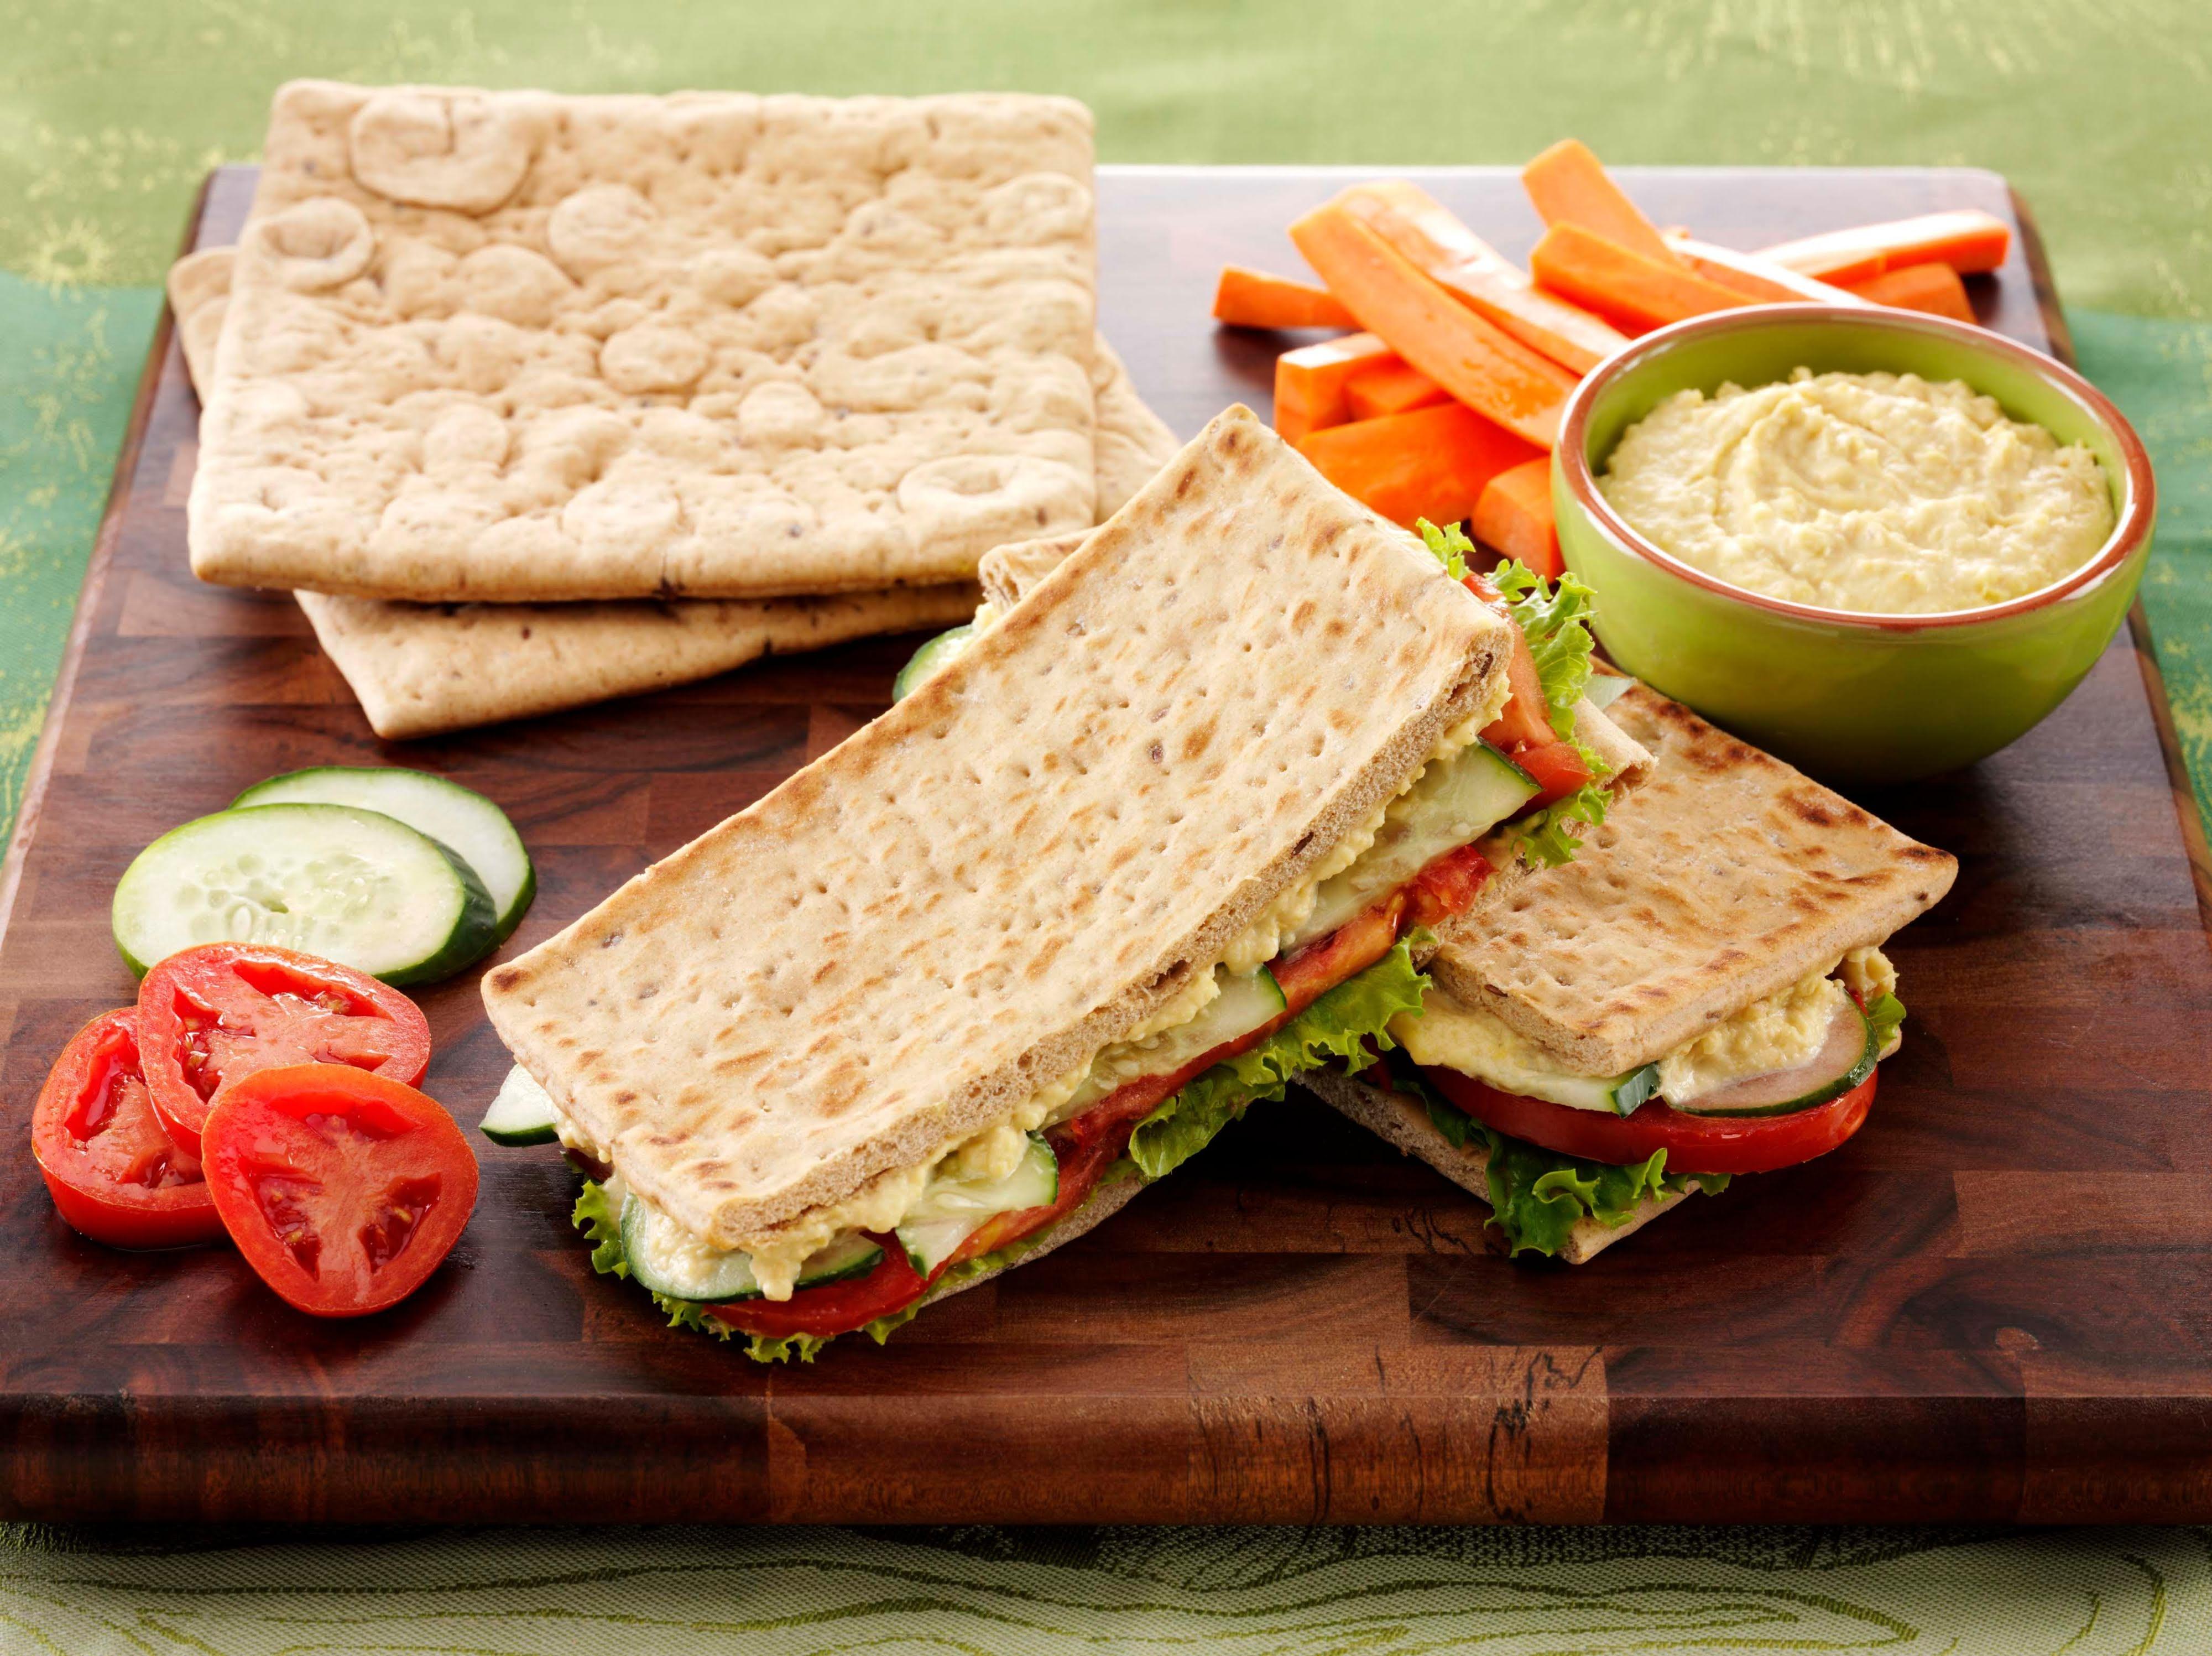 Sándwich de hummus y verduras